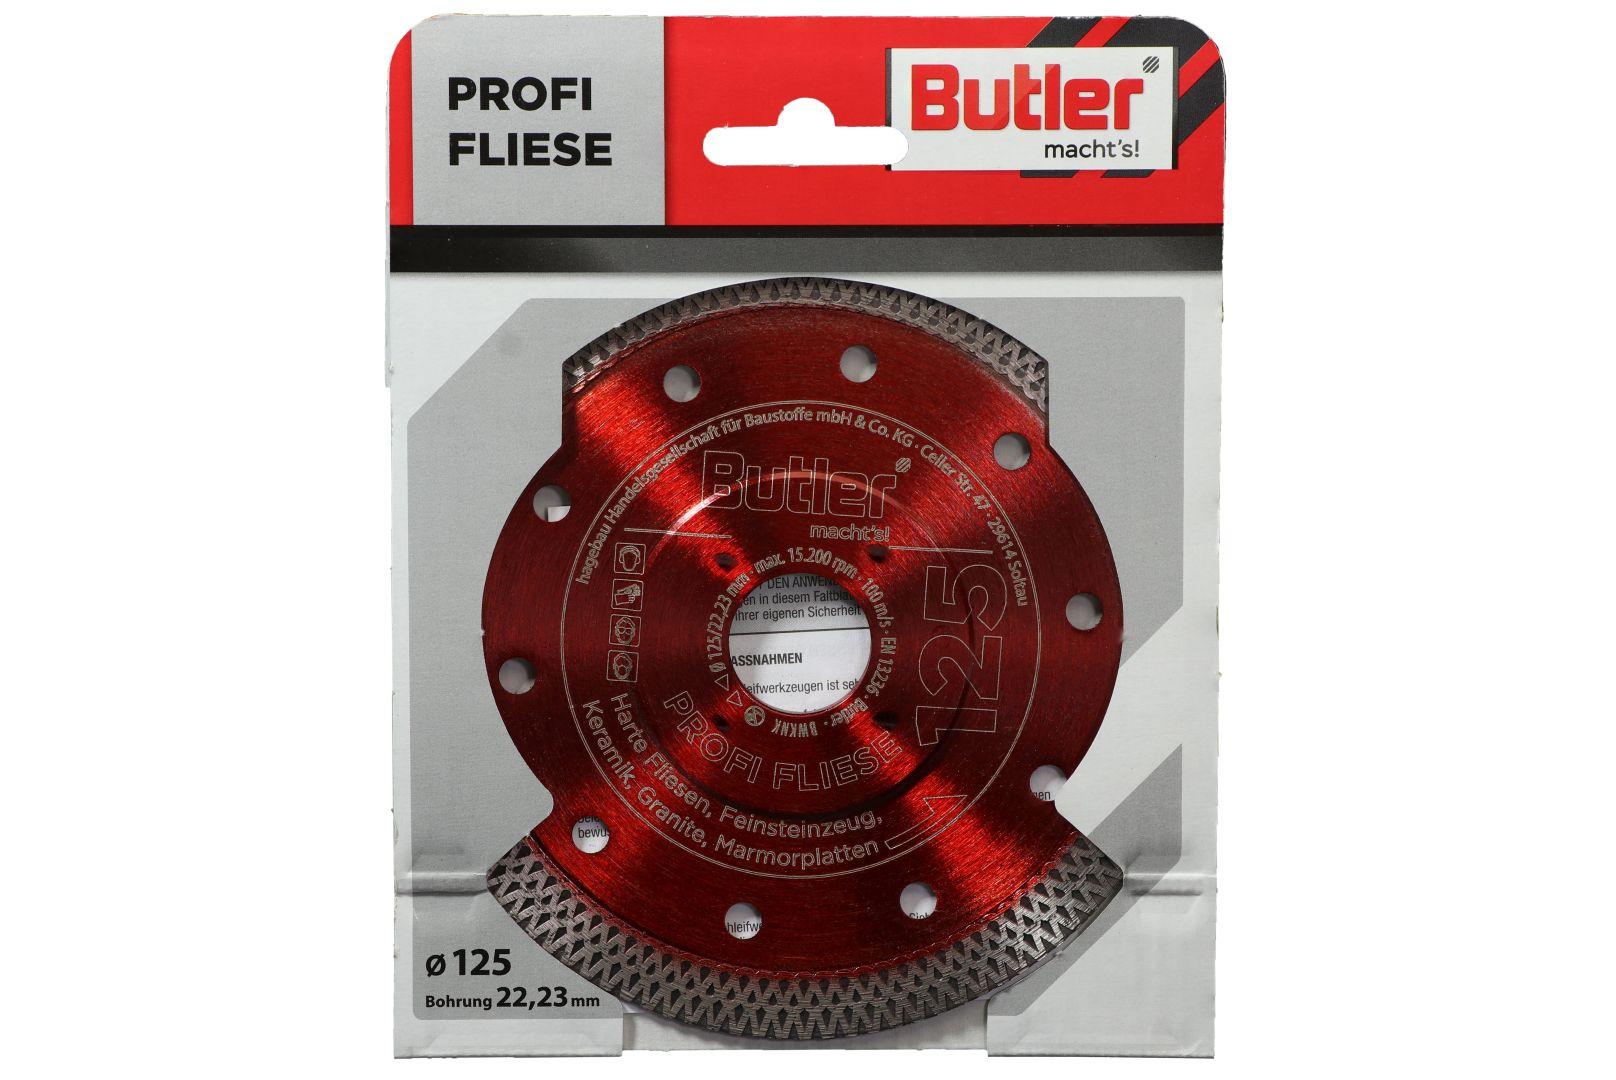 Butler macht's! Diamant-Trennscheibe Profi Fliese, Bohrung: 22,23 mm, Ø 125 mm